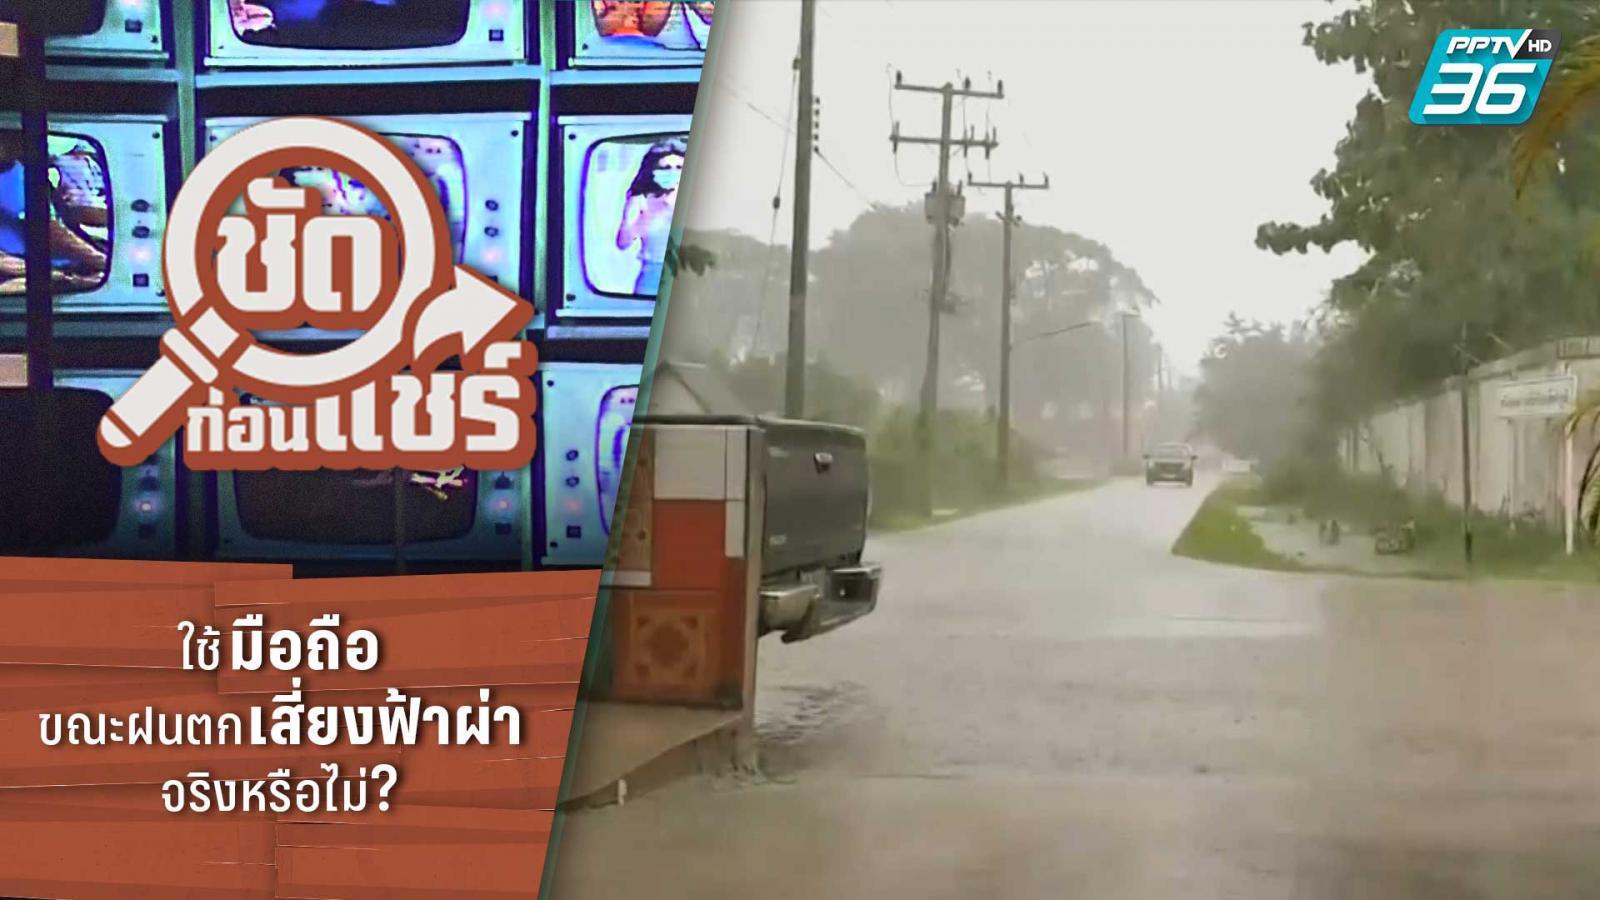 ชัดก่อนแชร์ | ใช้มือถือขณะฝนตกเสี่ยงฟ้าผ่า จริงหรือไม่?